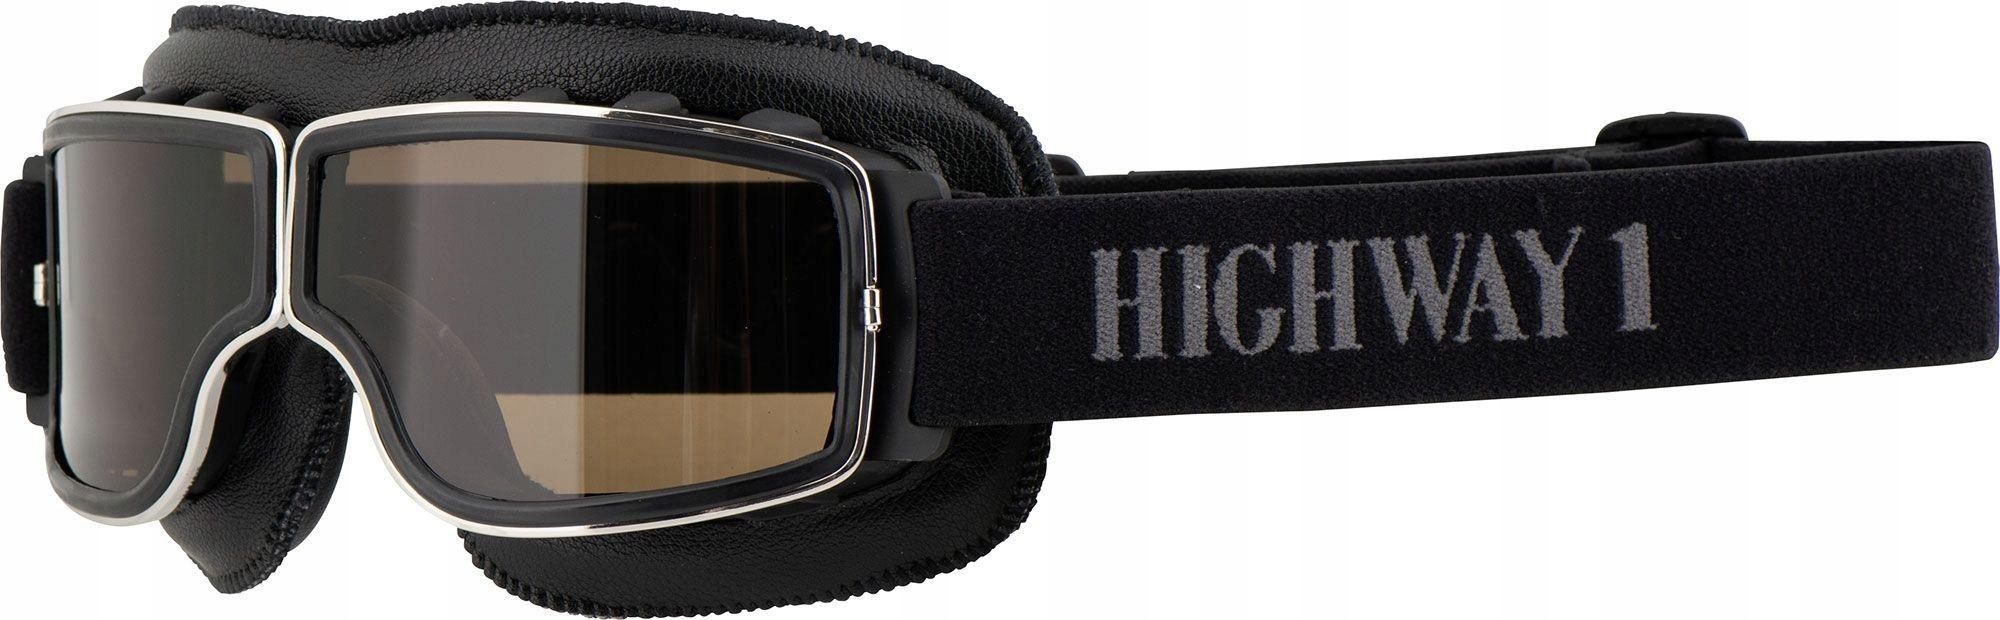 Diaľničné okuliare HIGHWAY 1 RETRO Smoke